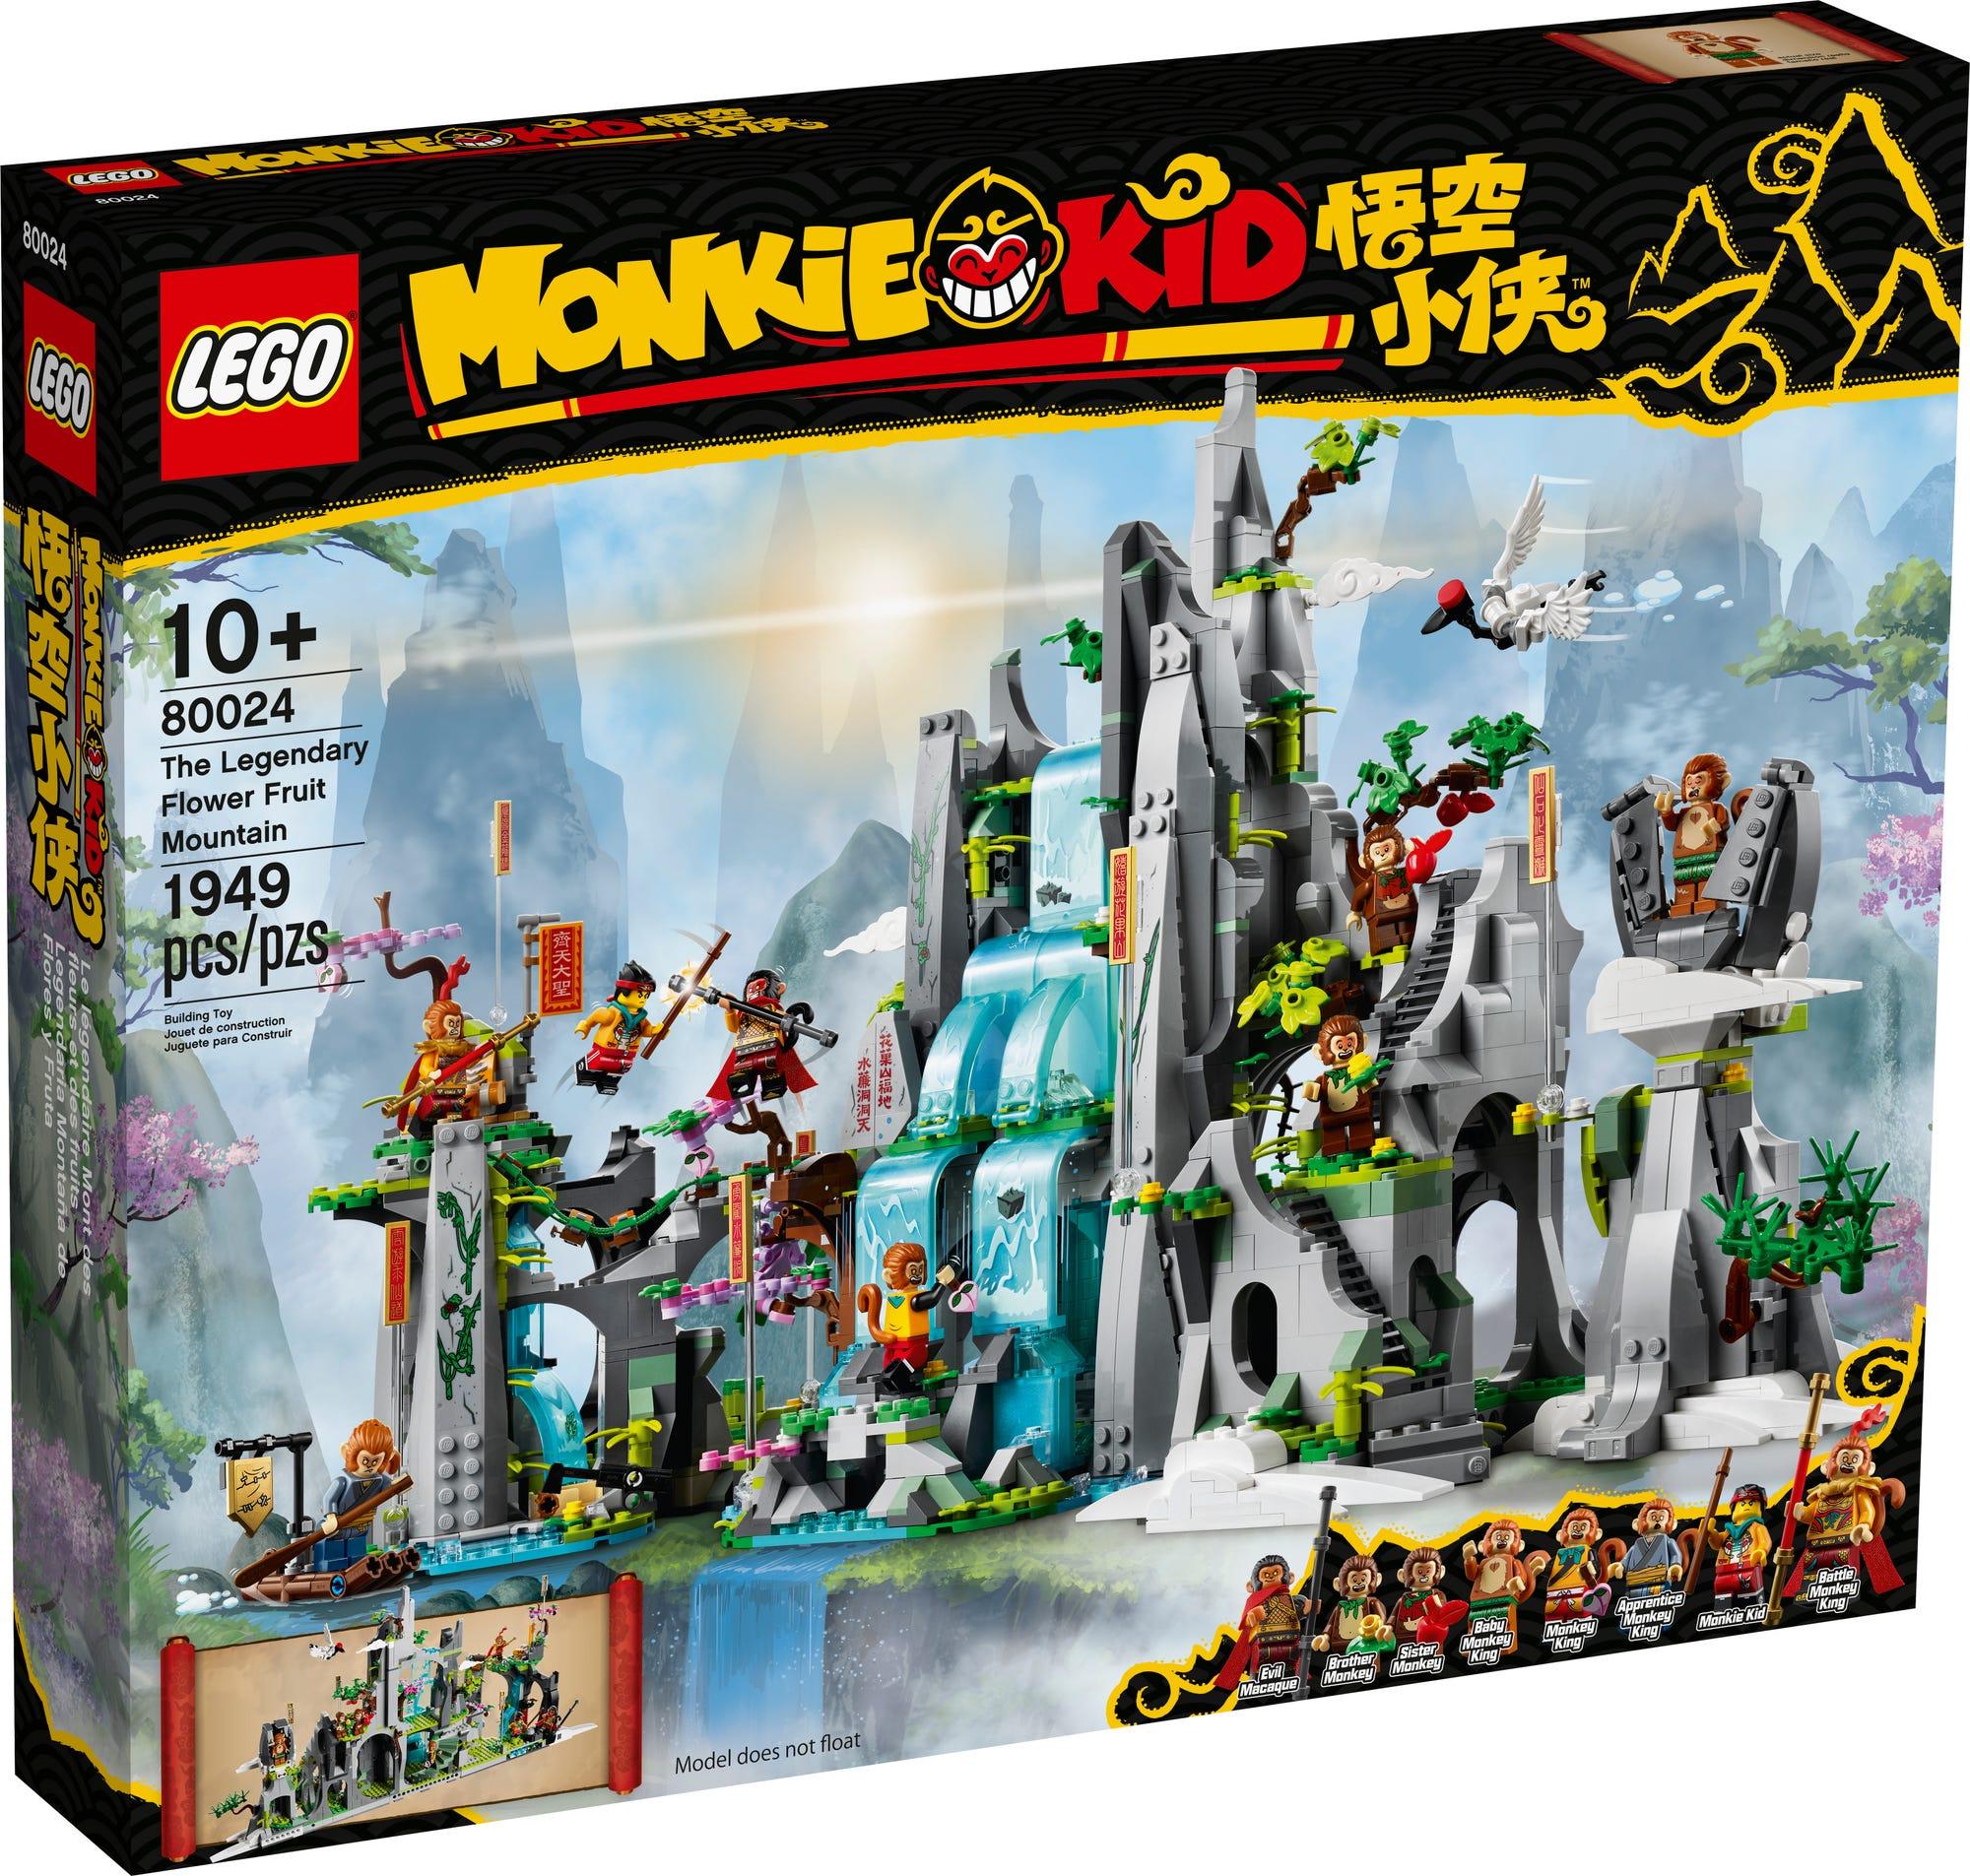 LEGO Monkie Kid 80024 Der Legendäre Berg Der Blumen Und Früchte 3